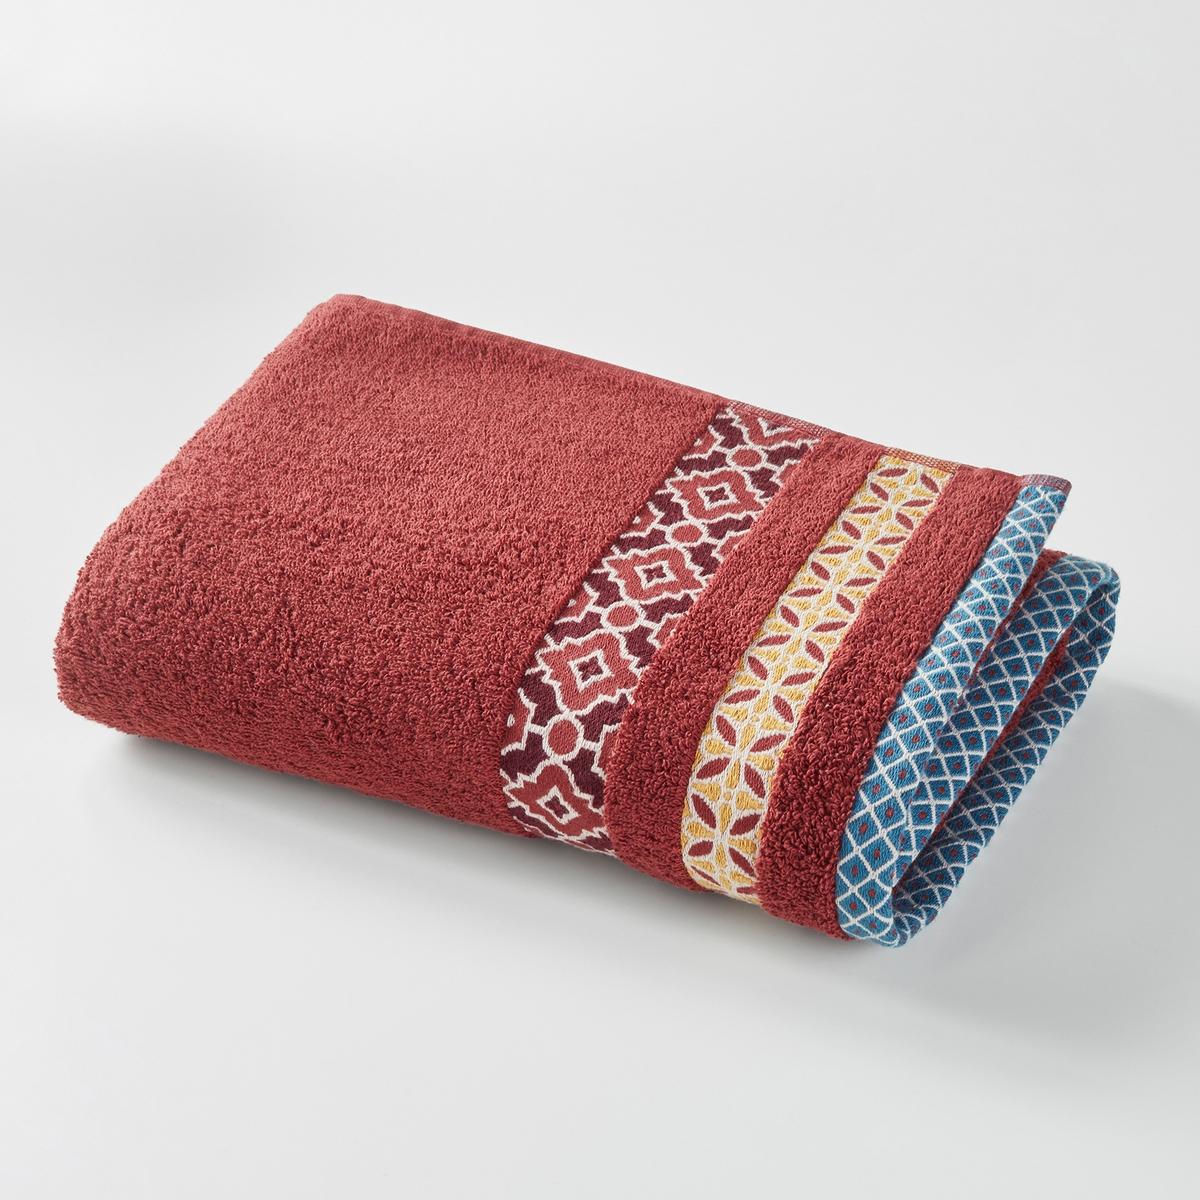 Полотенце банное EVORA, цветная кромка, хлопковое.Полотенце банное EVORA, цветная кромка, хлопковое. Банное полотенце высокого качества из мягкого и плотного хлопка с яркой кромкой оживит вашу ванную комнатуХарактеристики банного полотенца  :Материал : махровая ткань из 100% хлопка 500 г/м?.Уход : машинная стирка при  60°.Жаккардовая кромка.Размеры банного полотенца :70 x 140 см.    Существует в 3 разных расцветках, которые вы можете комбинировать по своему усмотрению.<br><br>Цвет: кирпичный<br>Размер: 70 x 140  см